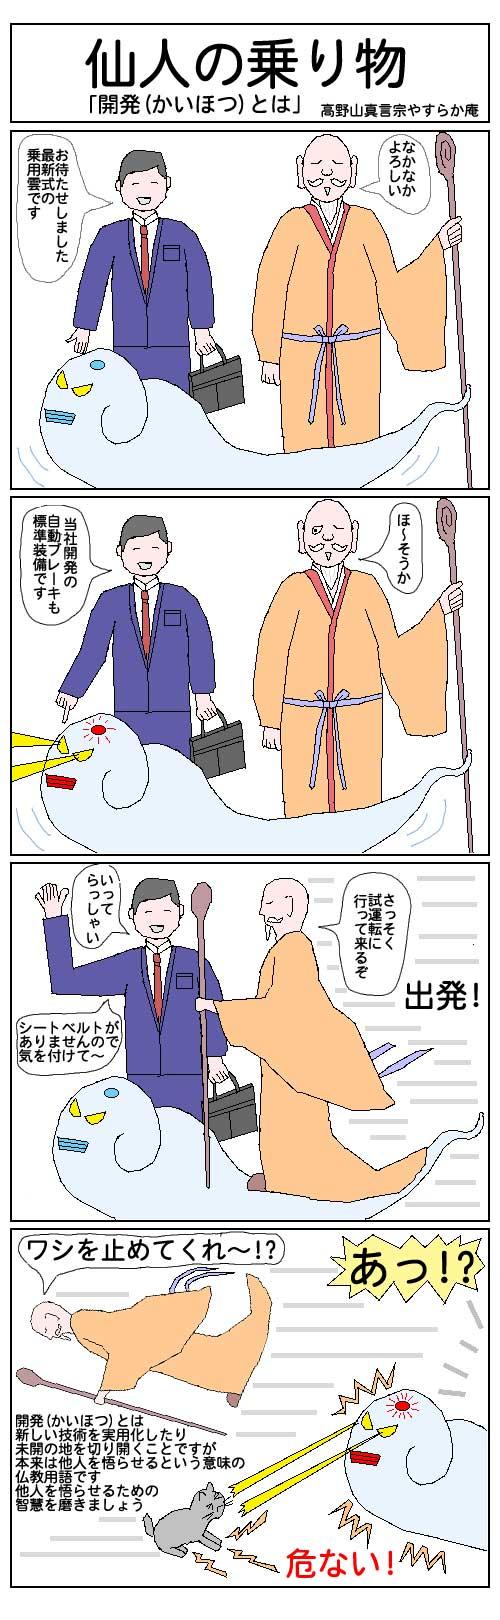 仙人の乗り物-4コマ漫画